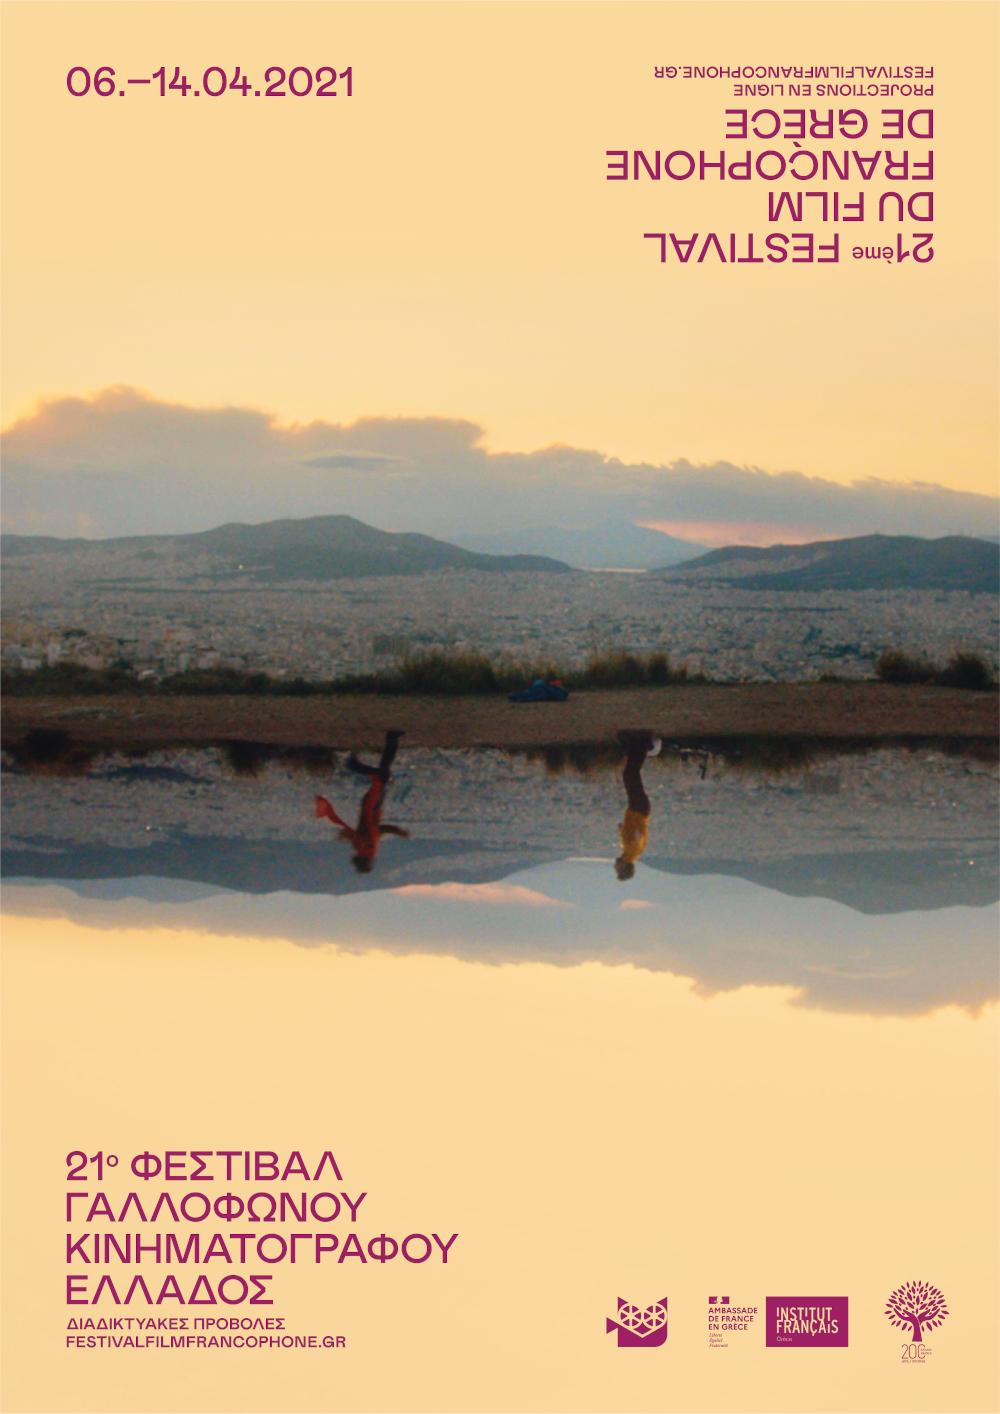 Φεστιβάλ Γαλλόφωνου Κινηματογράφου της Ελλάδας